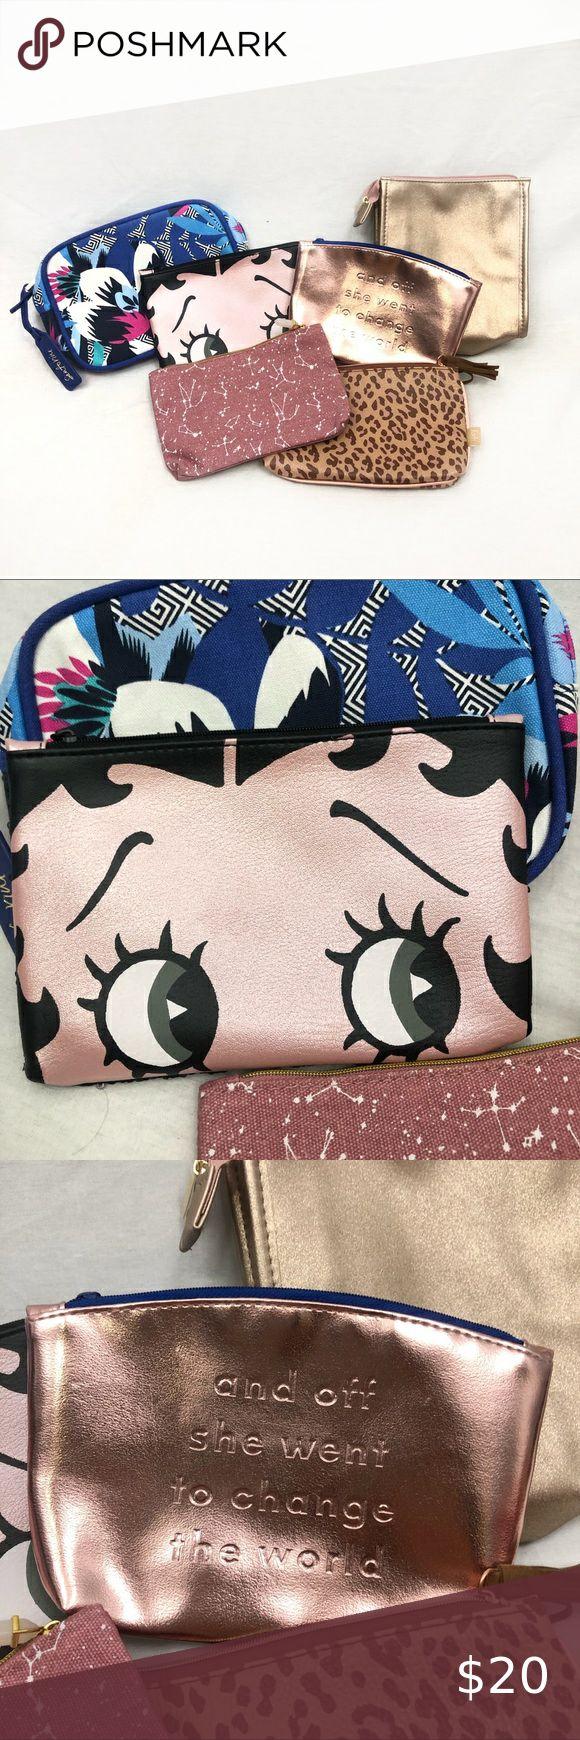 Sephora Makeup NWT Play Bag It Mascara Marc Jacobs